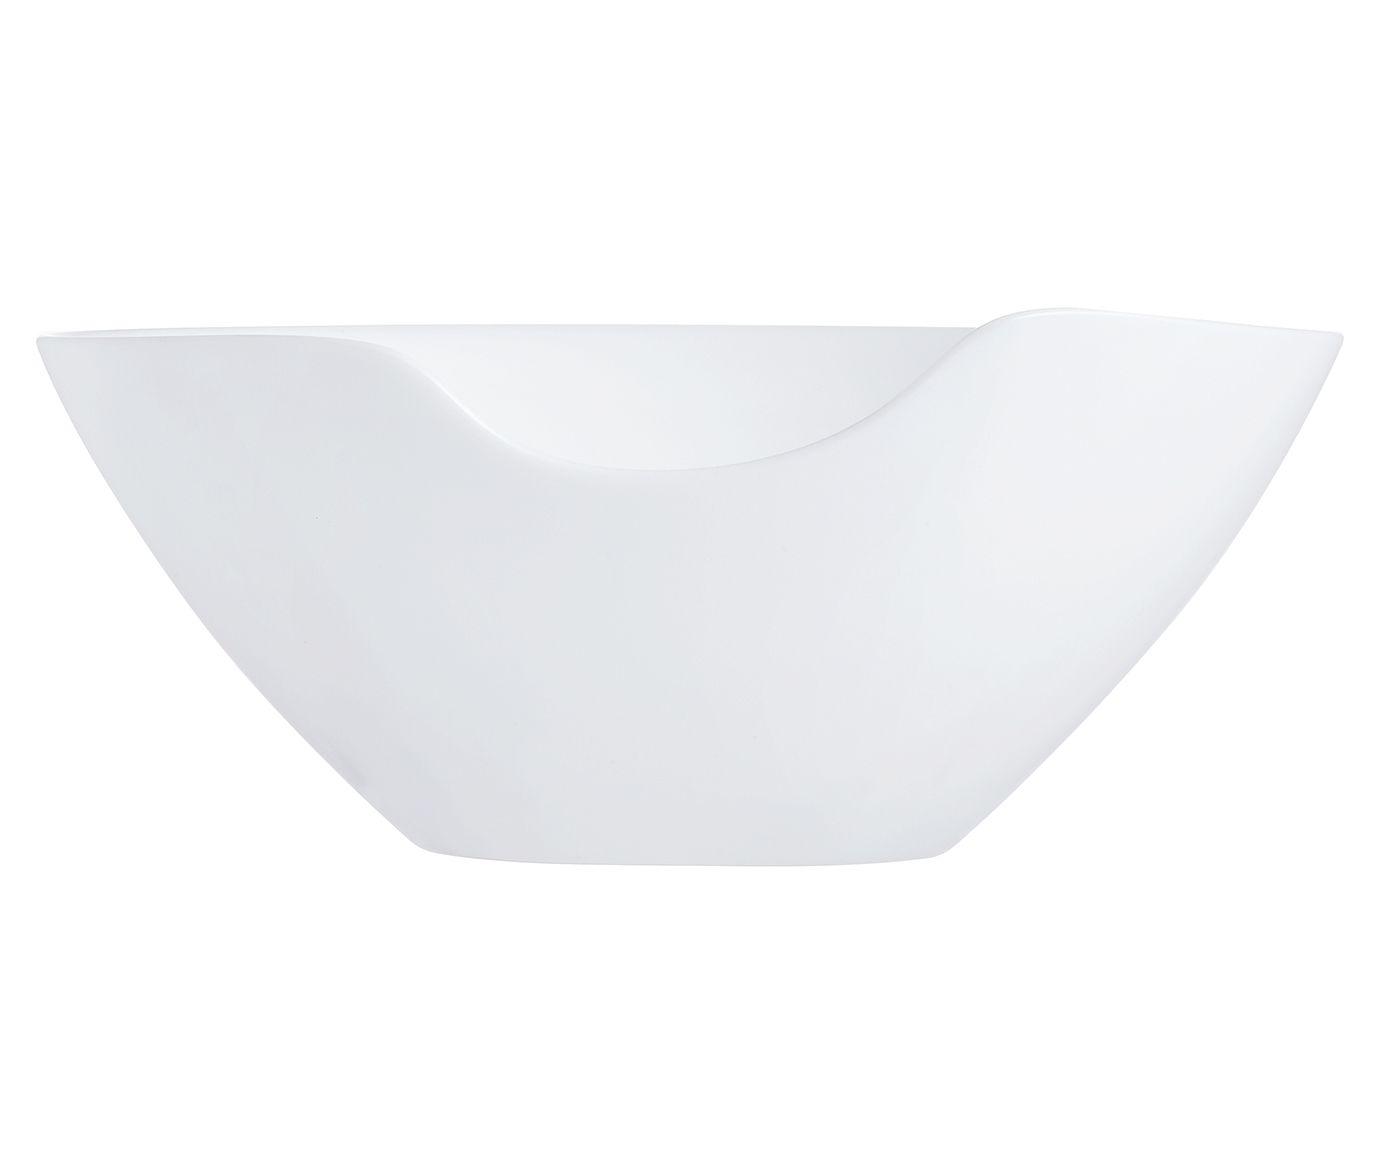 Saladeira Salenco - 16,5cm | Westwing.com.br